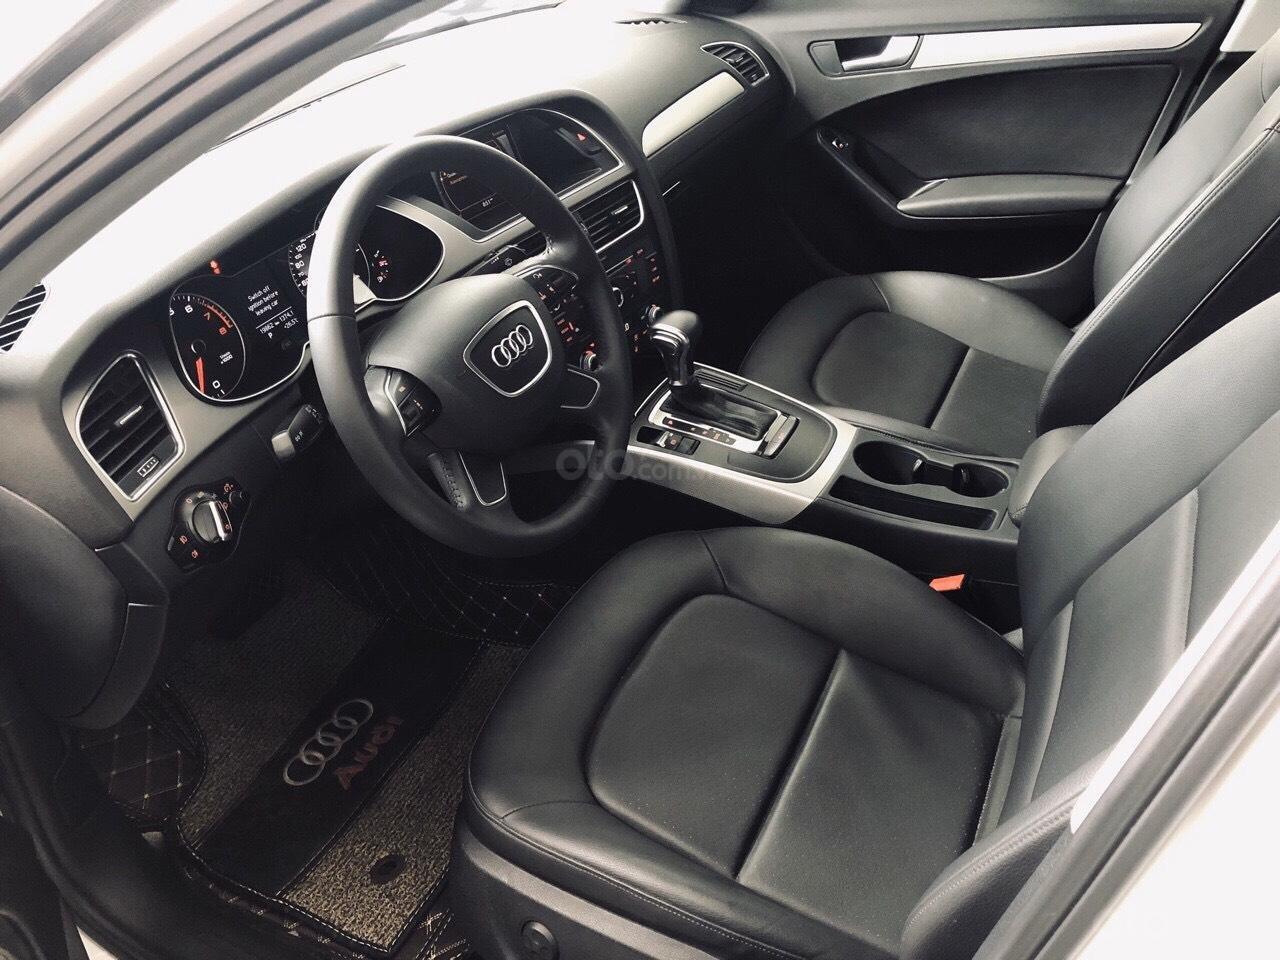 Bán Audi A4 sản xuất 2013 xe đẹp đi đúng 24000km hàng hiếm xe ít sử dụng bao checks hãng (5)